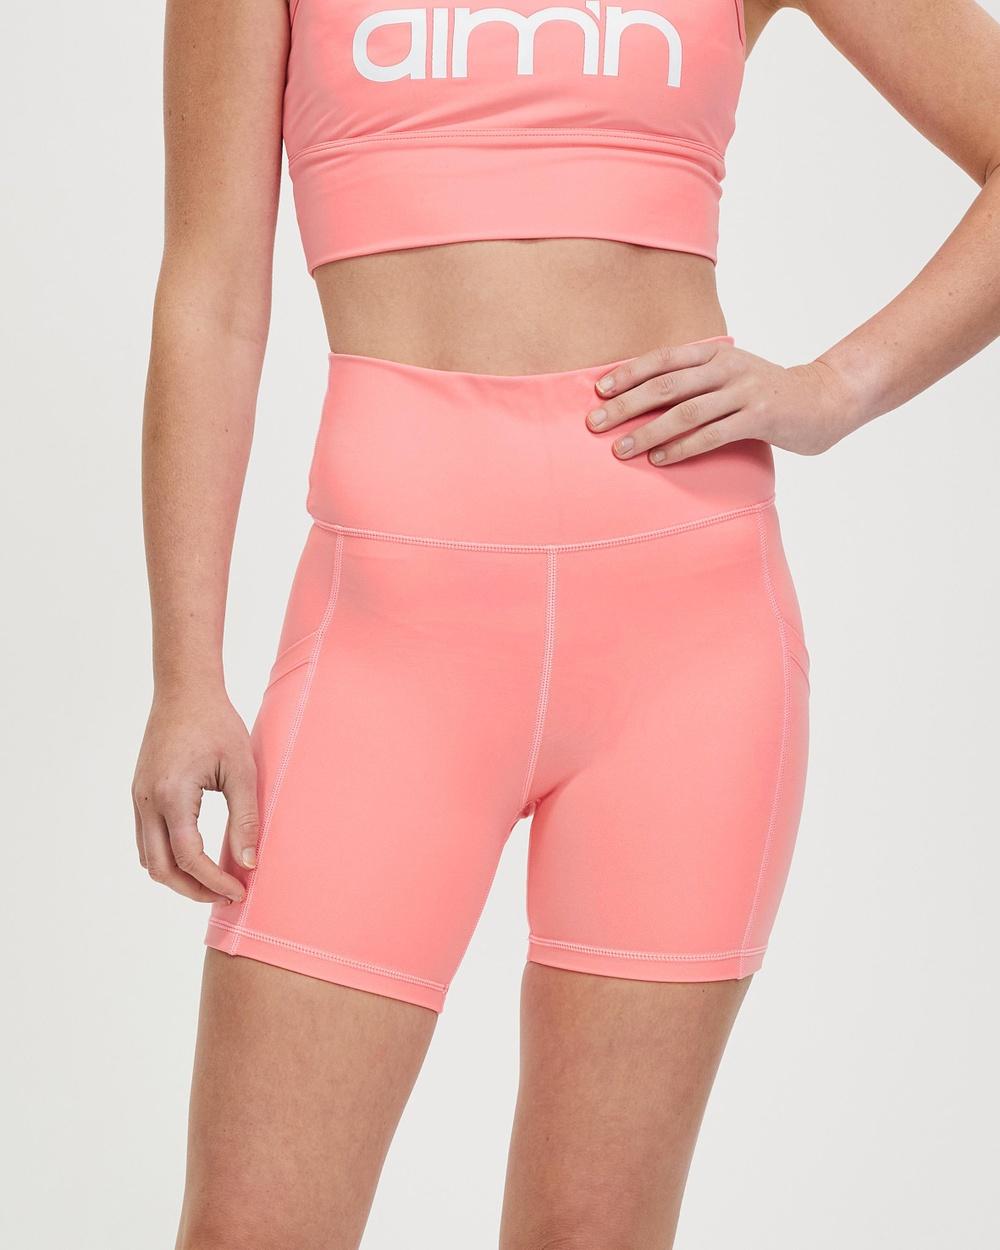 Aim'n Ball Pocket Biker Shorts 1/2 Tights Coral